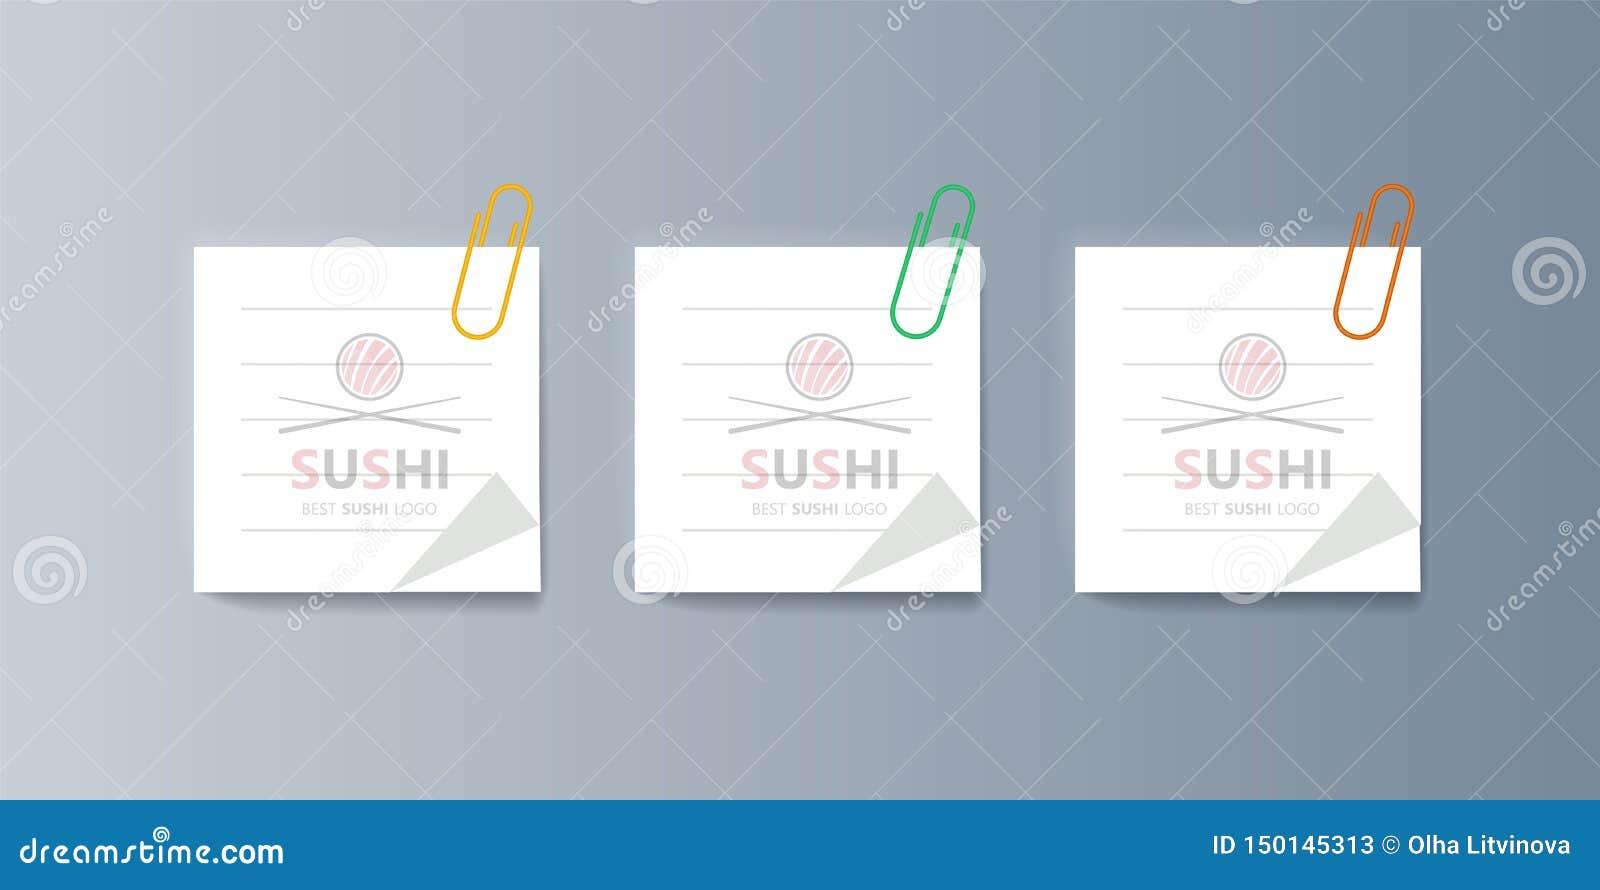 Placez Des Sushi De Brochures Pour Lancer Les Biens Et Les